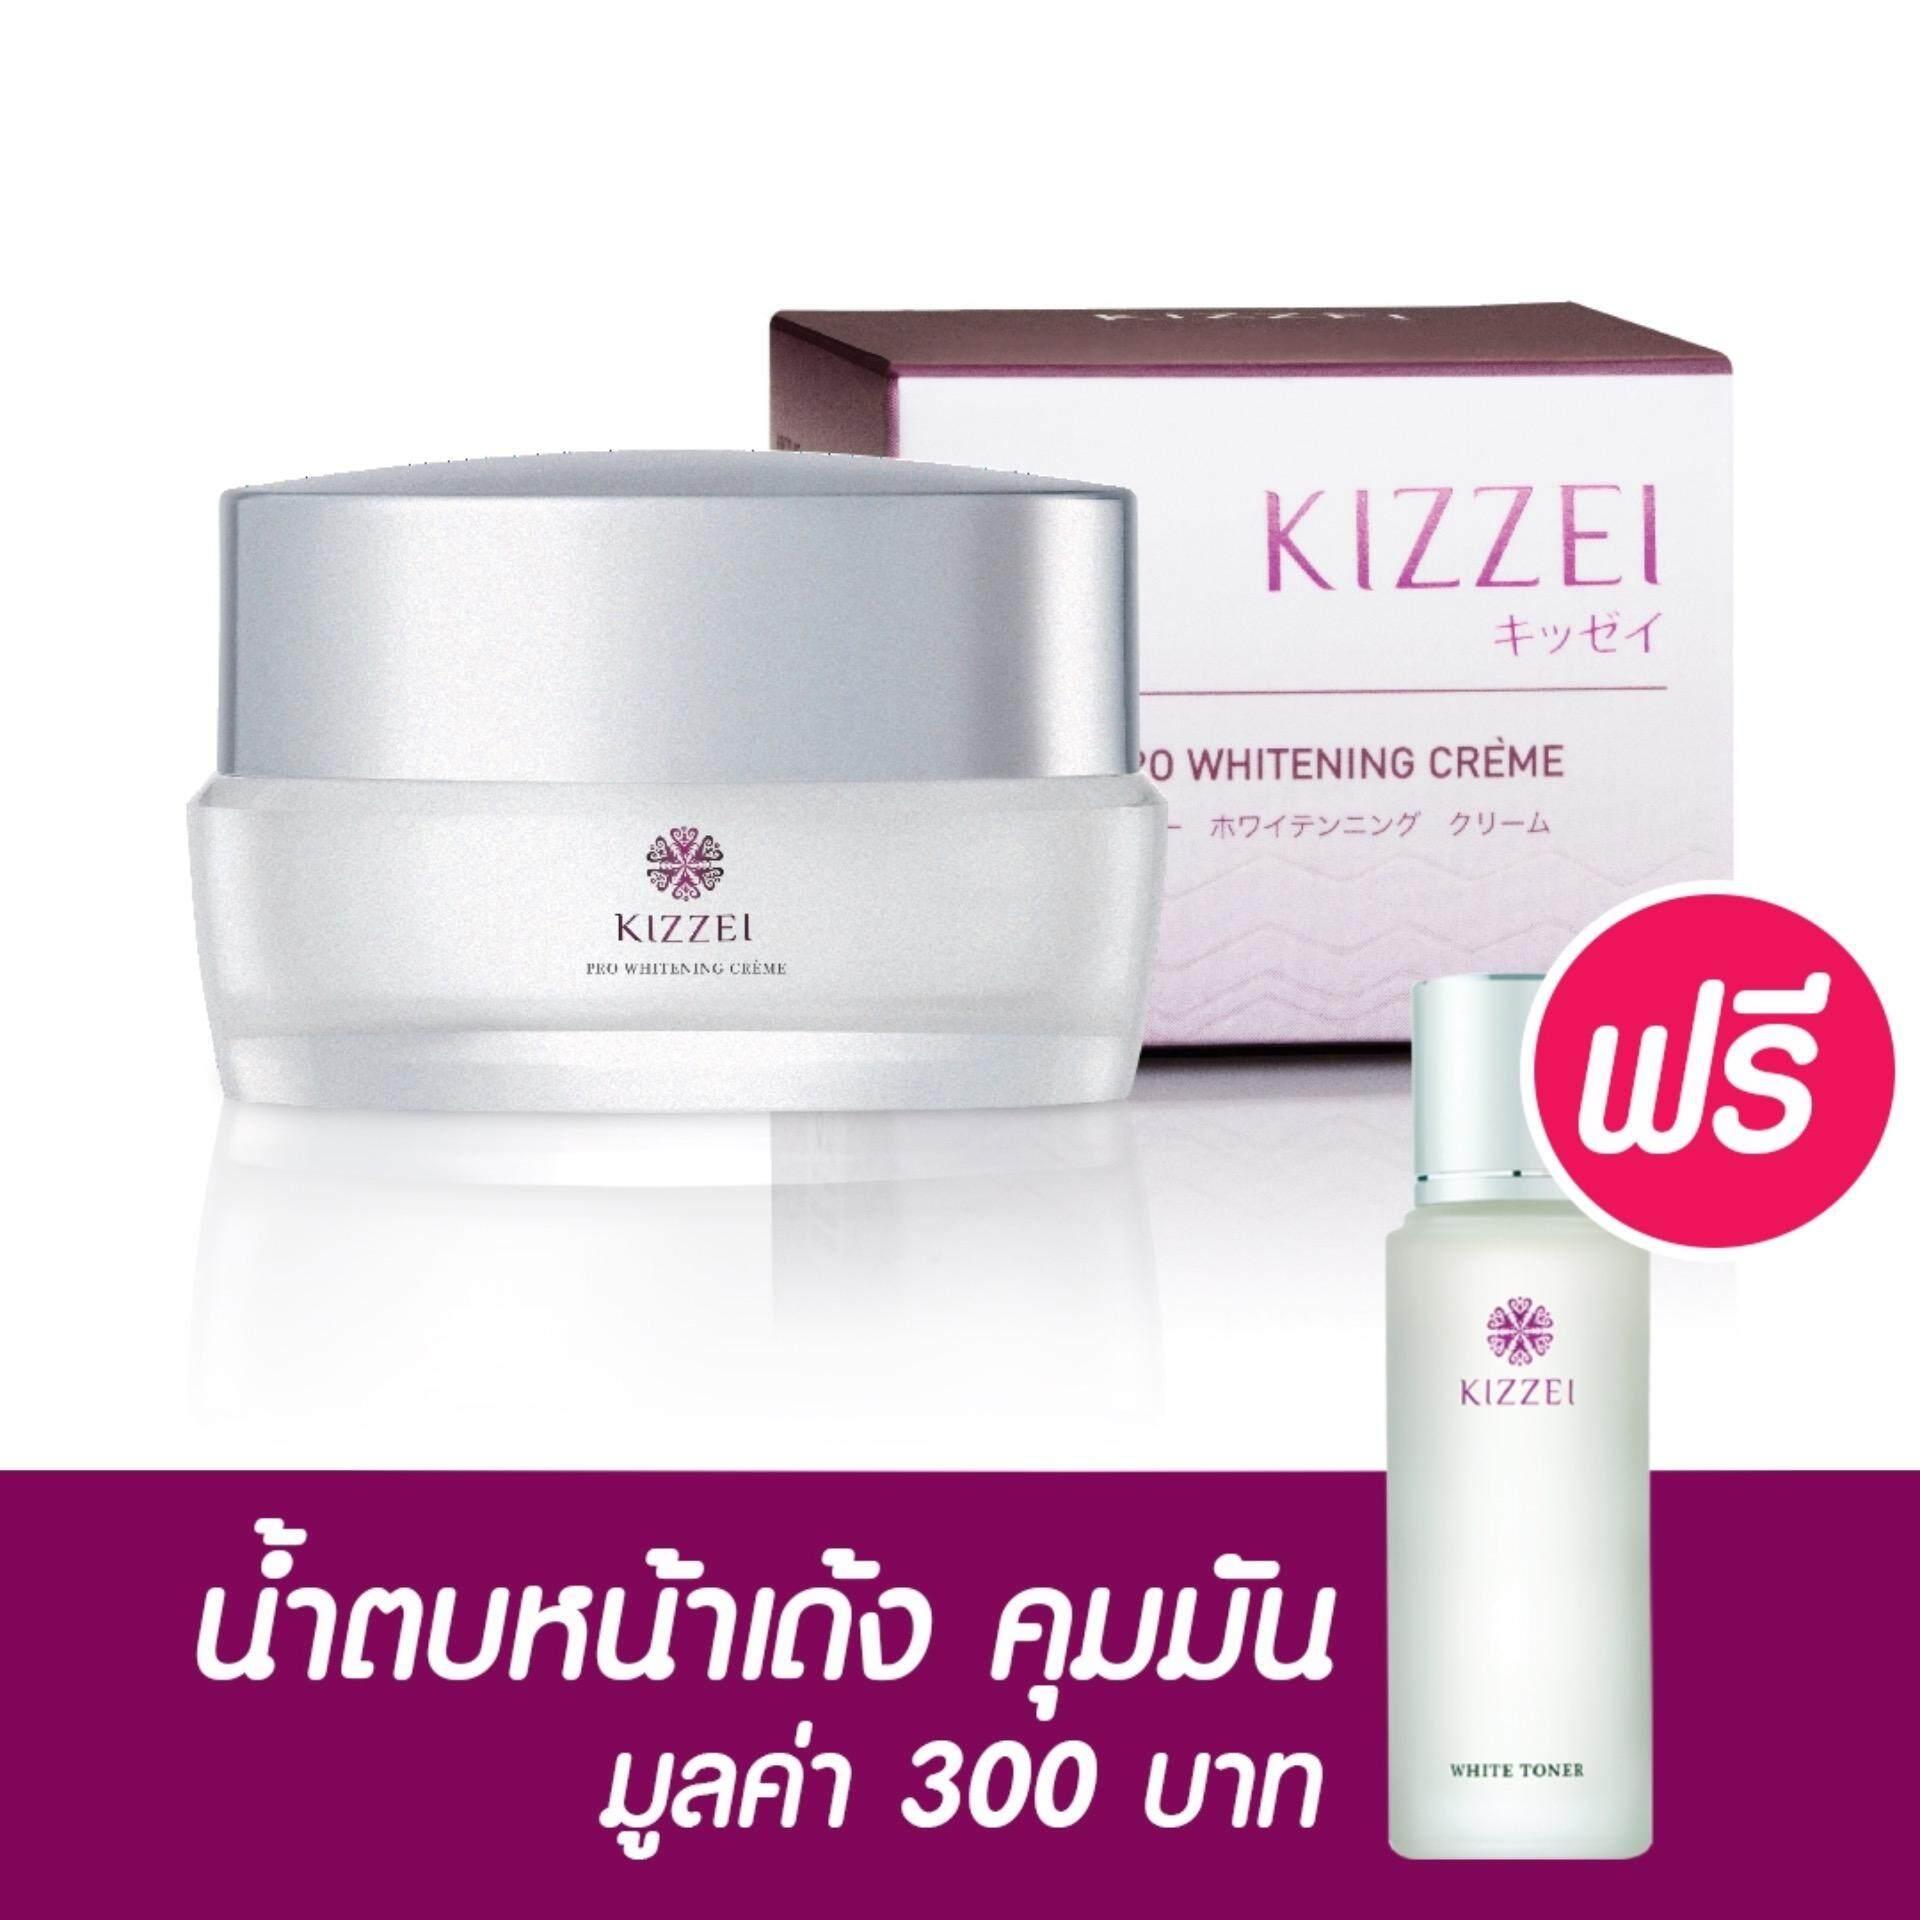 ราคา Kizzei ครีมขาวใส ลดกระฝ้า 15G ฟรี น้ำตบหน้าเด้ง คุมมัน 30Ml ของแท้100 ส่งเร็ว สมุทรปราการ